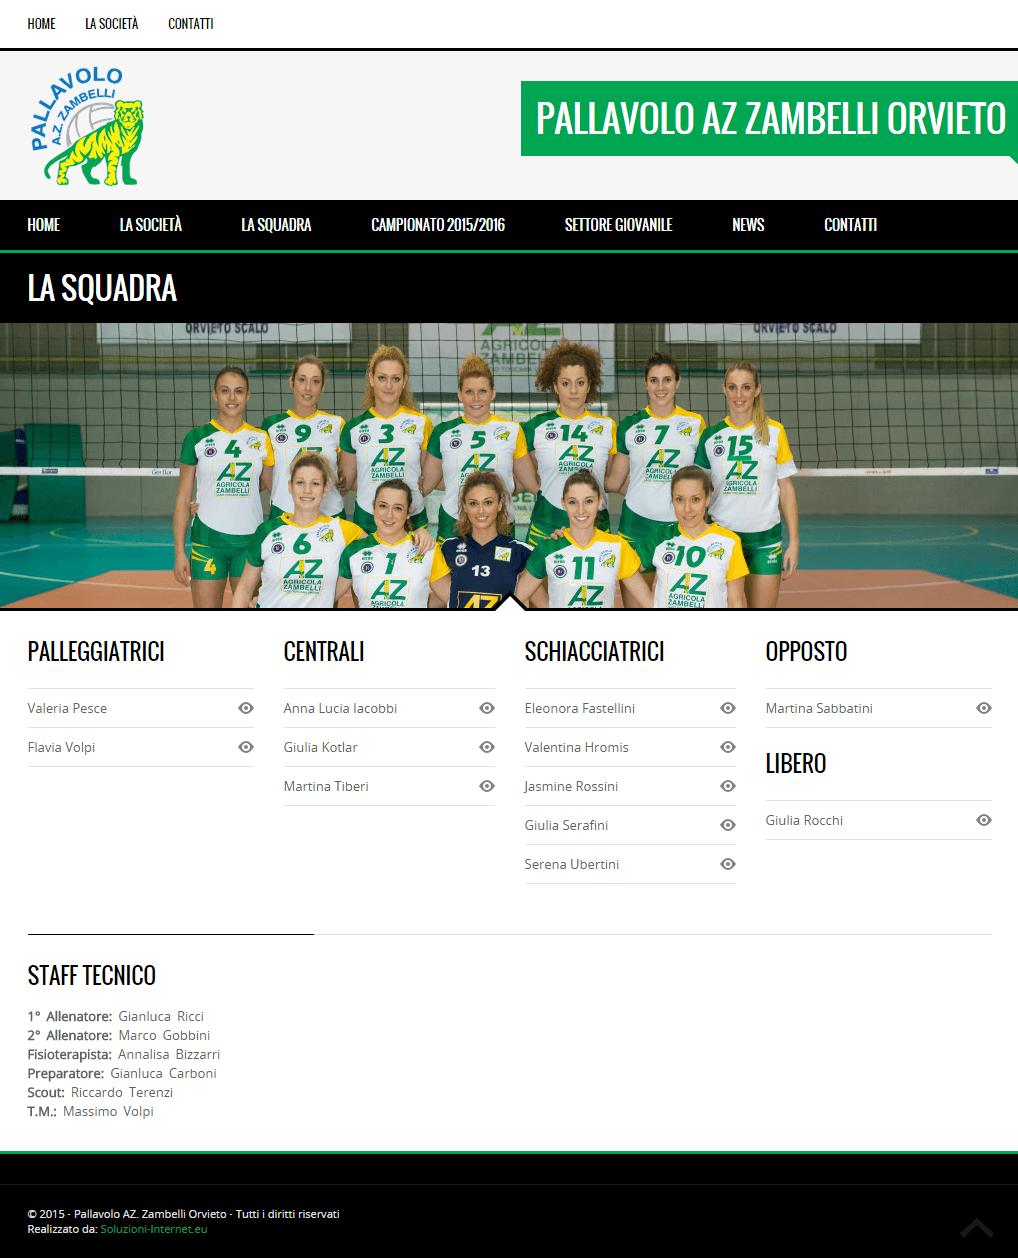 Pallavolo Zambelli - Pagina La Squadra